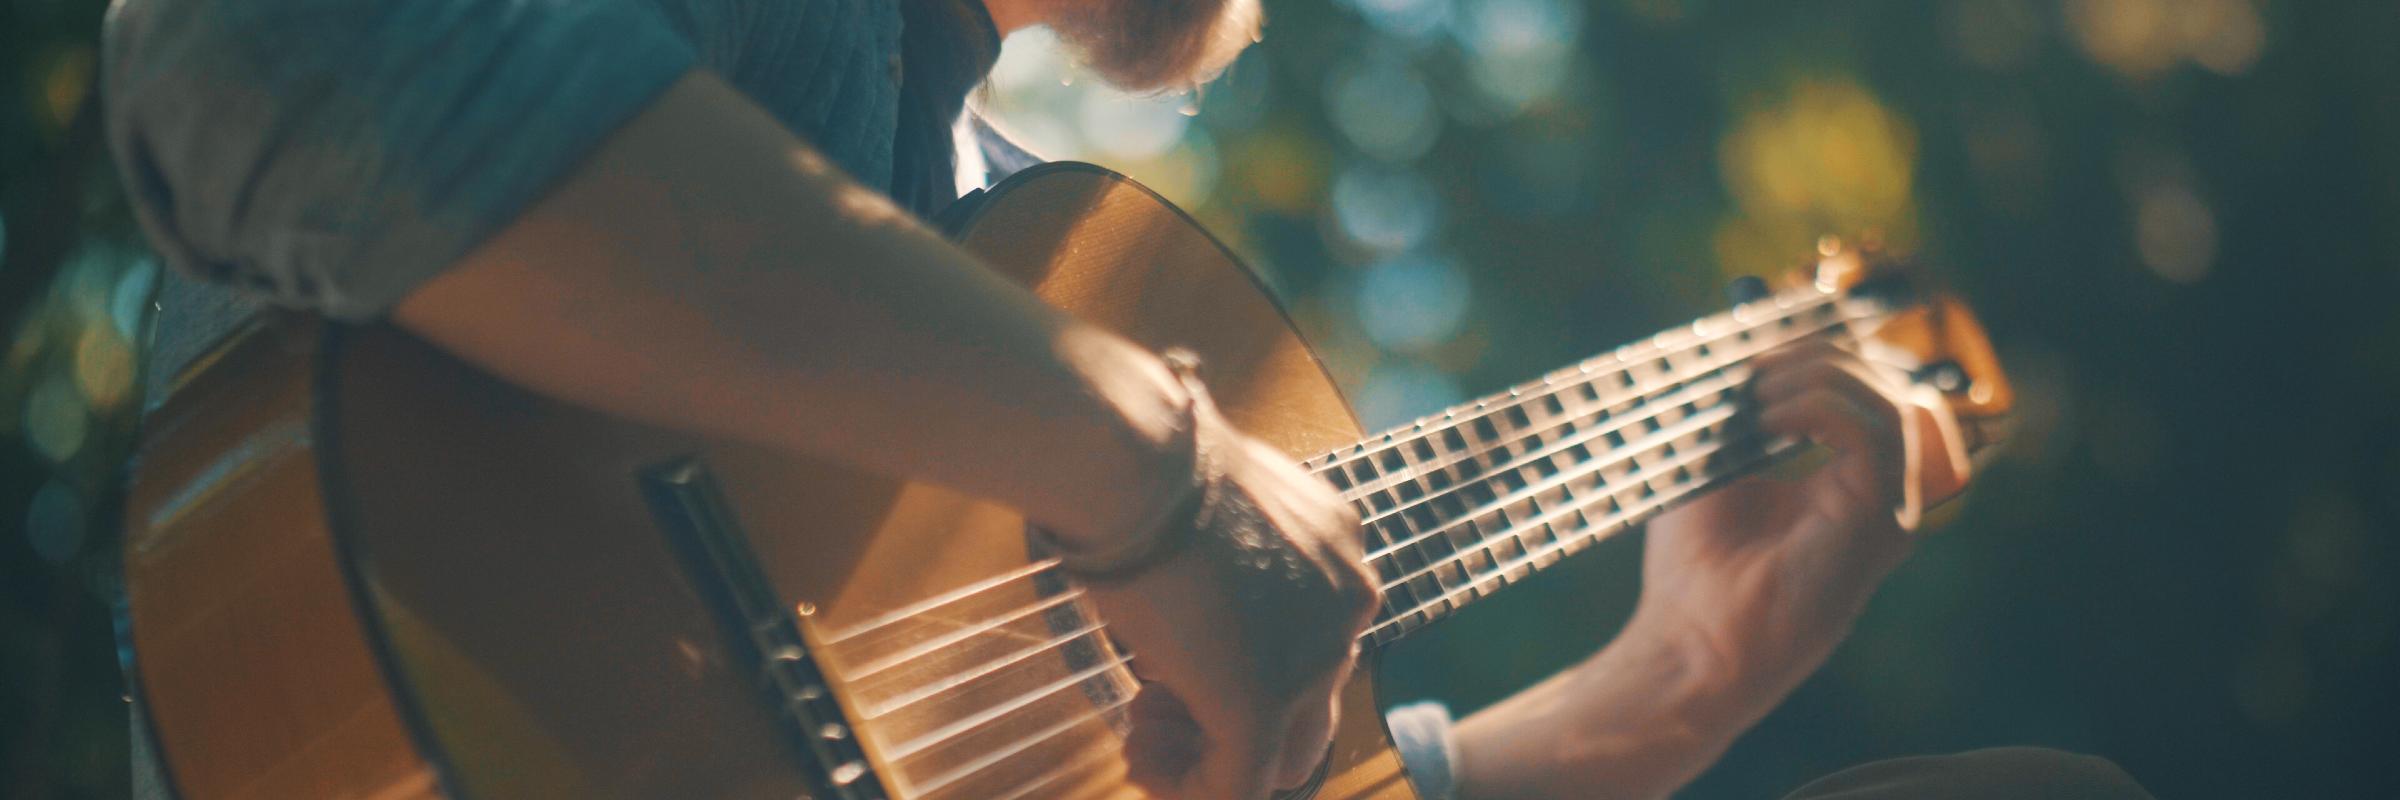 Marc Vidabreve, musicien Guitariste en représentation à Val d'Oise - photo de couverture n° 5